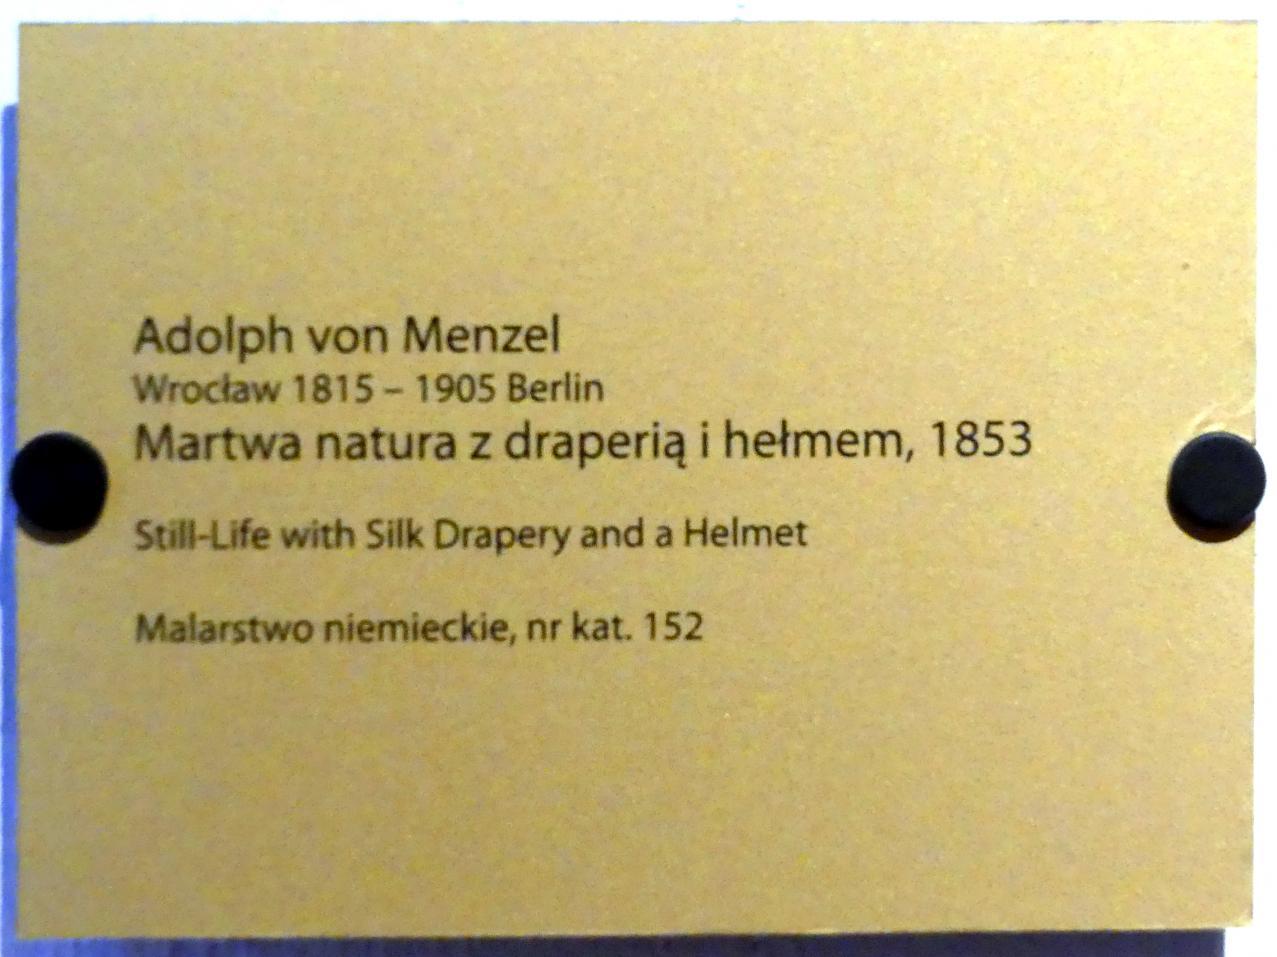 Adolph von Menzel: Stillleben mit Seidentuch und Helm, 1853, Bild 2/2